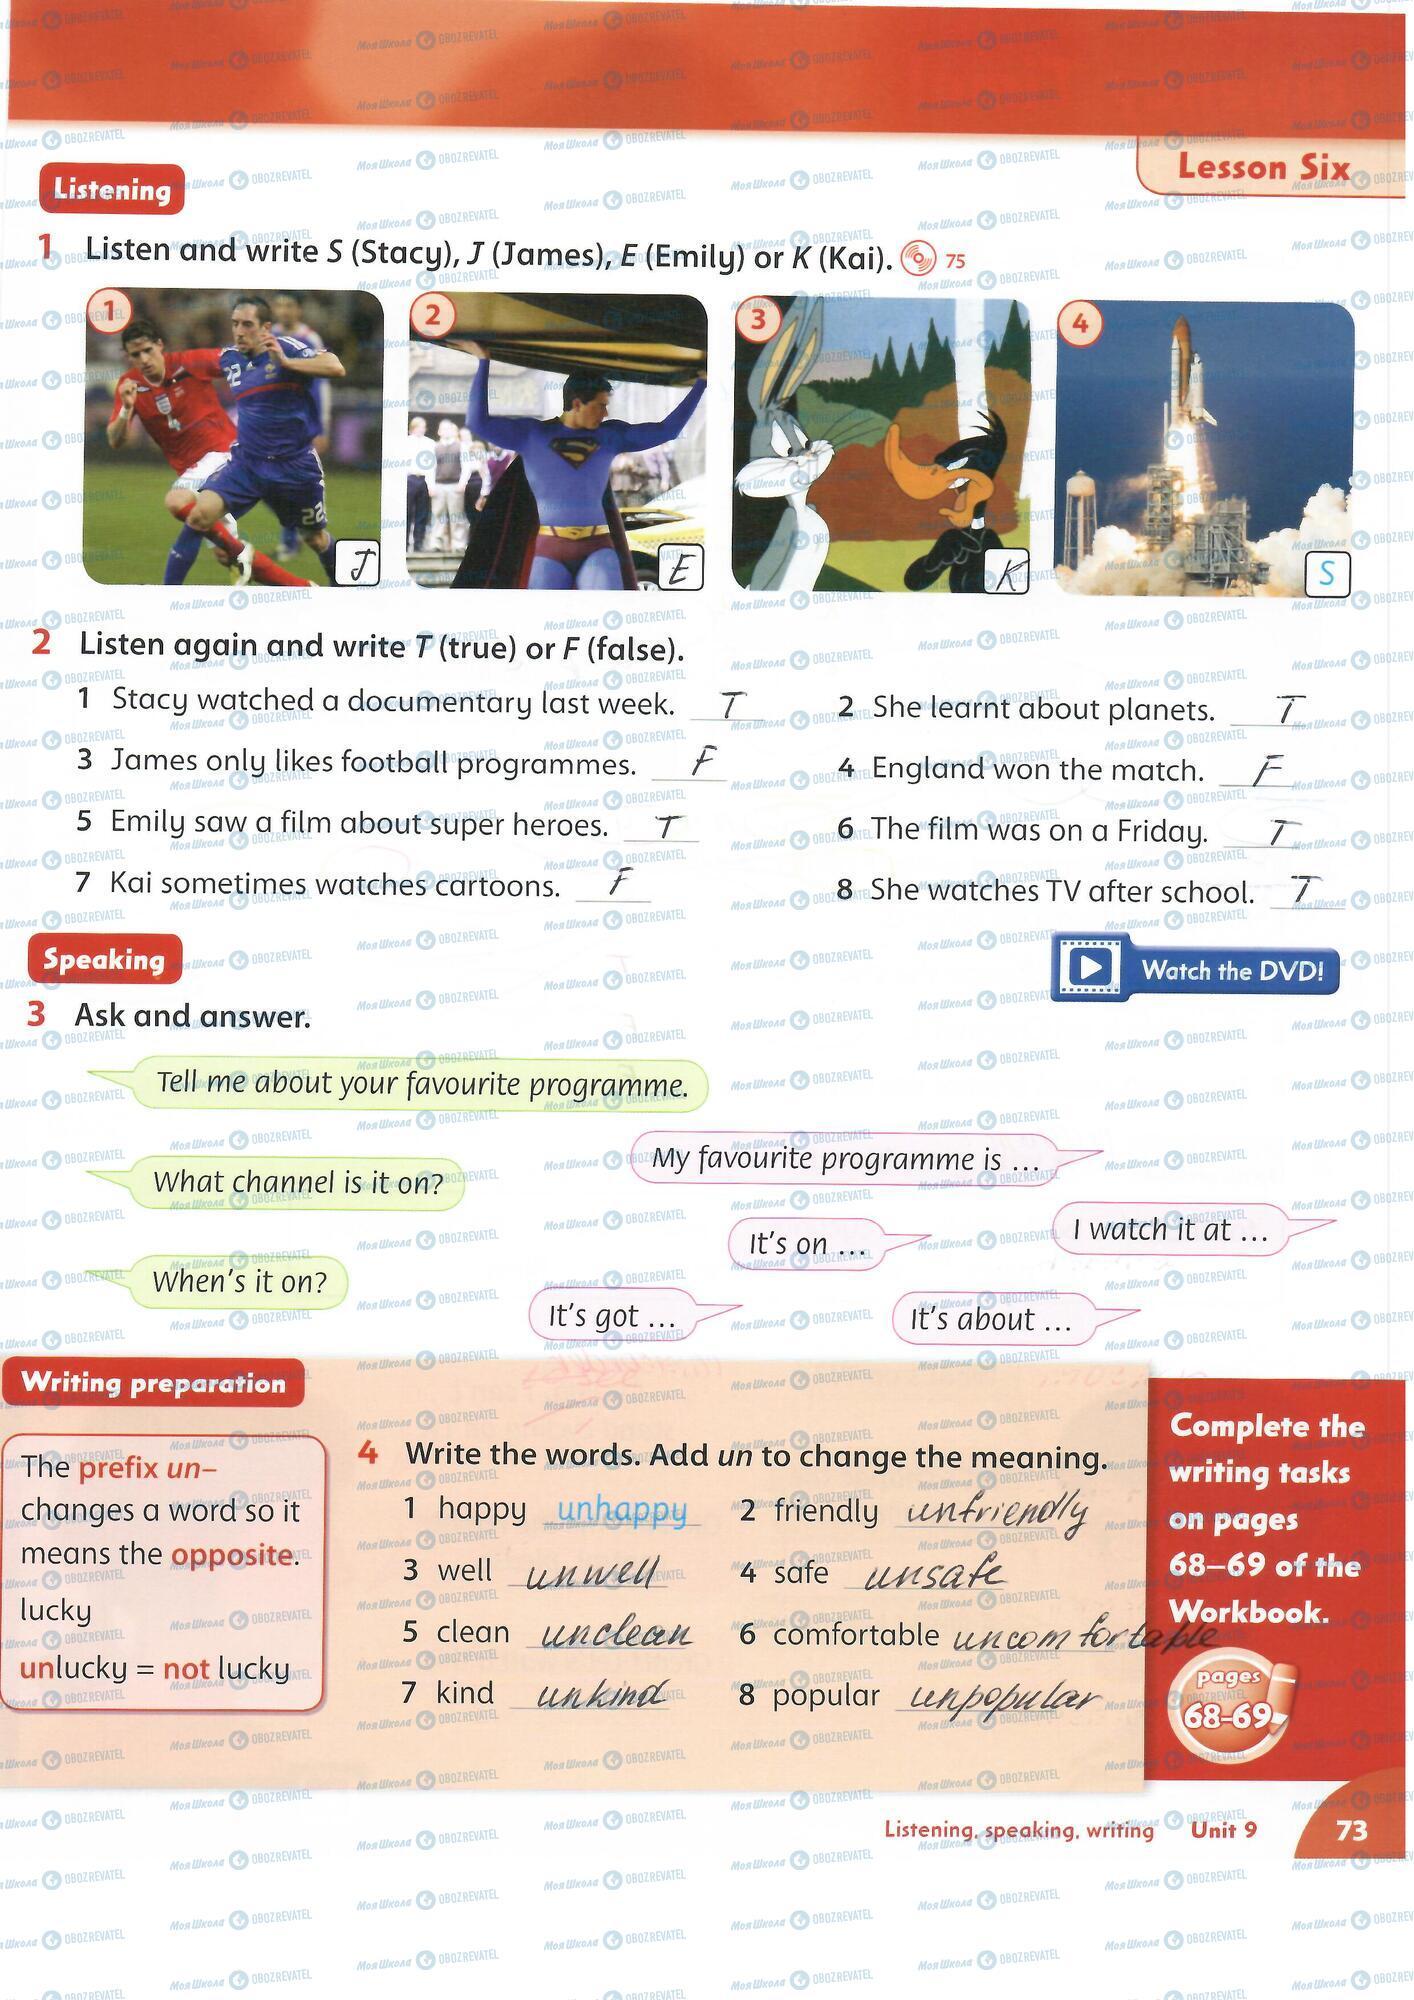 ГДЗ Английский язык 4 класс страница 73